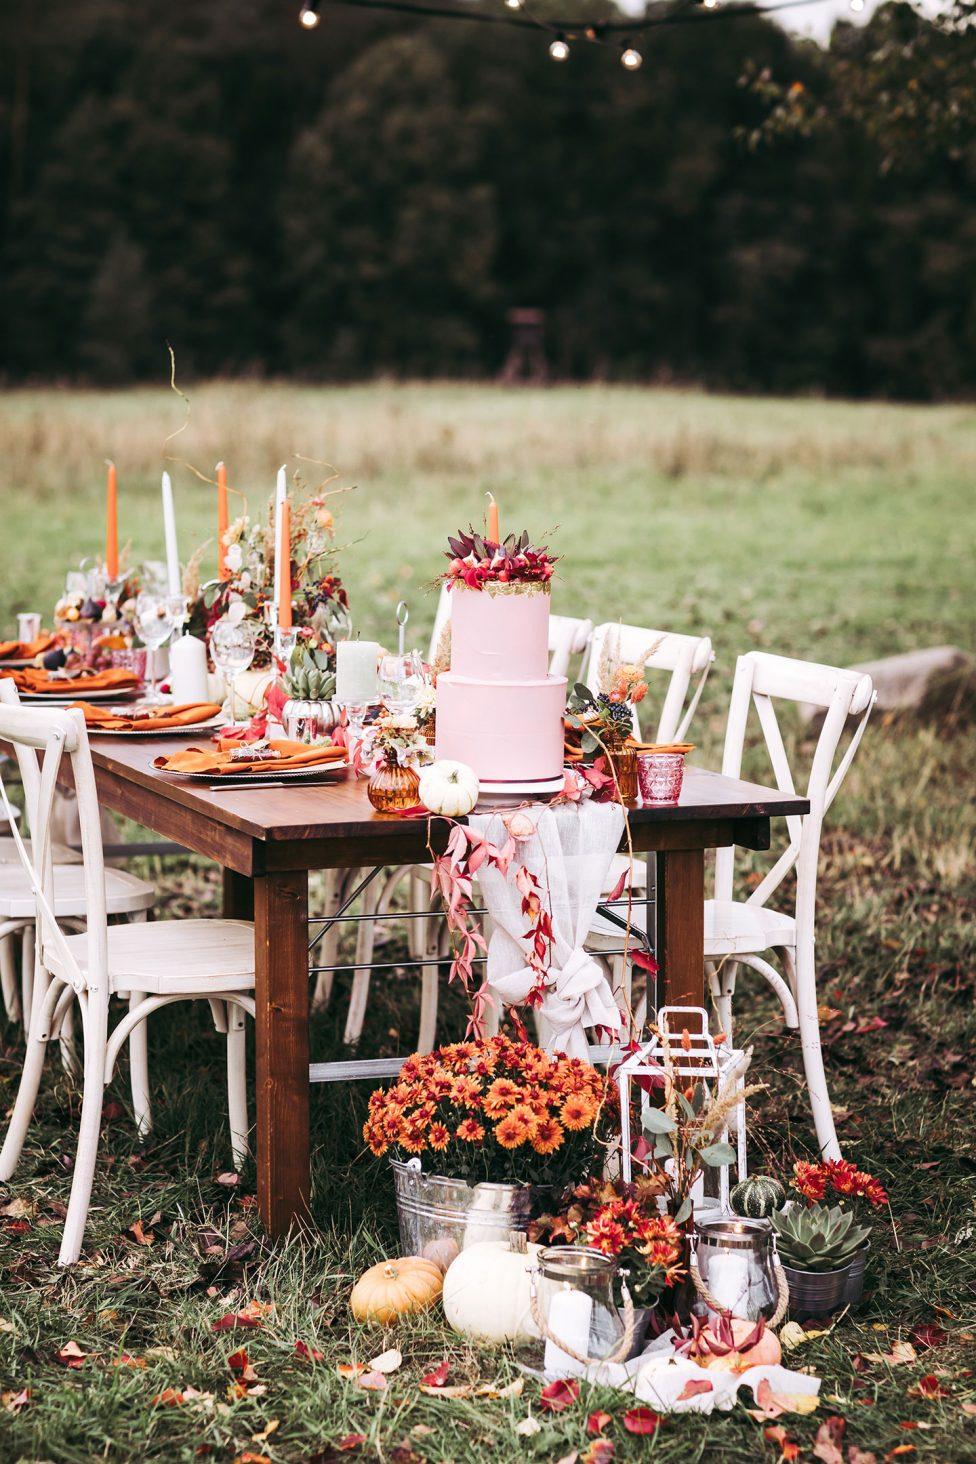 Herbsthochzeiten in voller Farbpracht genießen